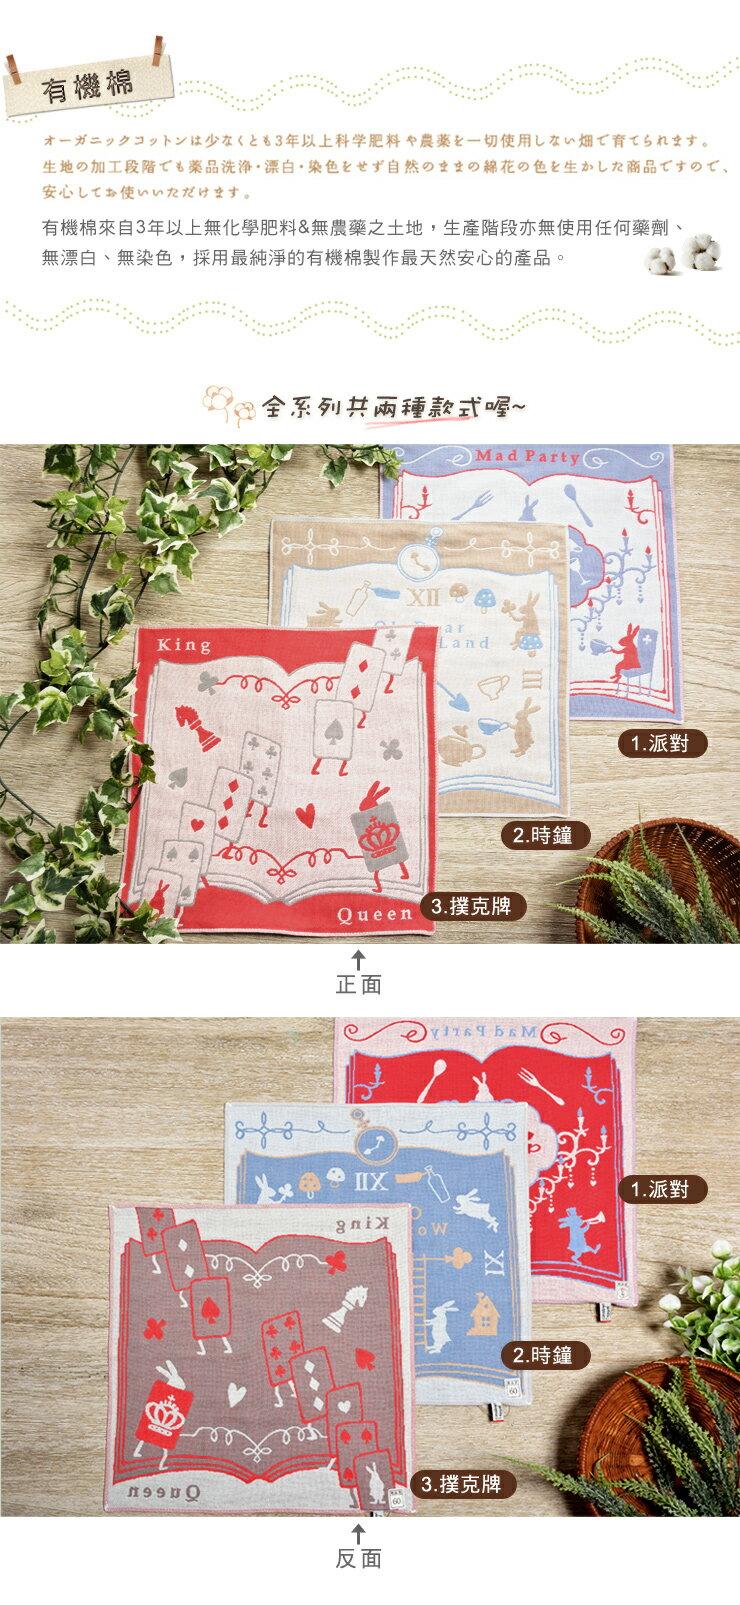 日本今治 - ORUNET - 撲克牌緹花手帕(紅)《日本設計製造》《全館免運費》,有機棉,純棉100%,觸感細緻質地柔軟,吸水性強,日本設計製造,天然水洗滌工法,不使用螢光染料,不添加染劑